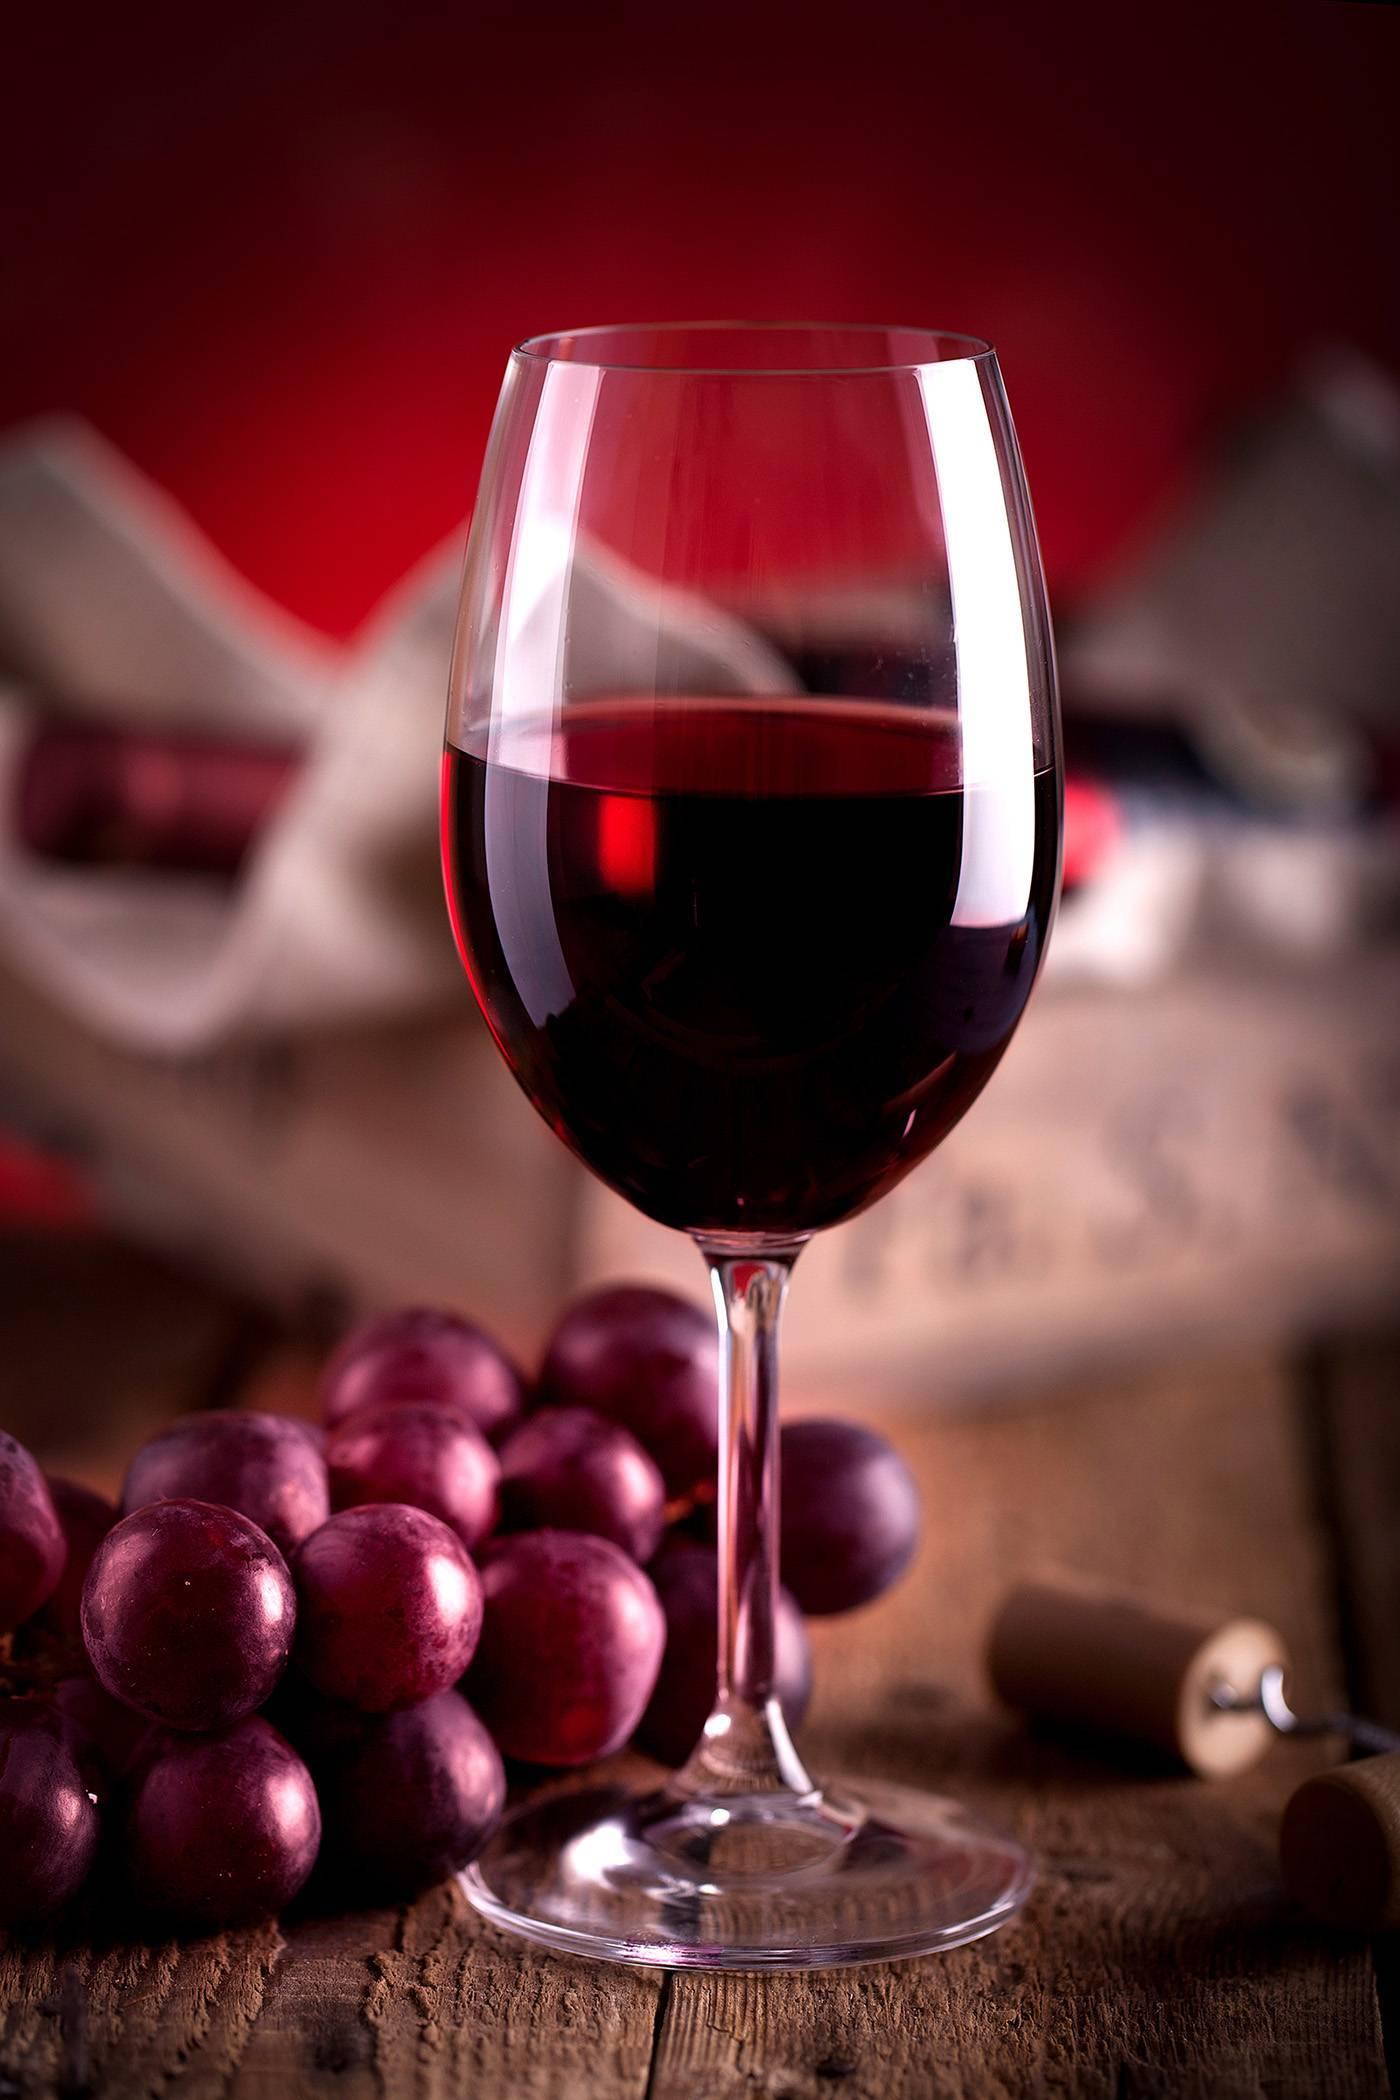 Какое вино лучше красное или белое: что полезнее для женщины